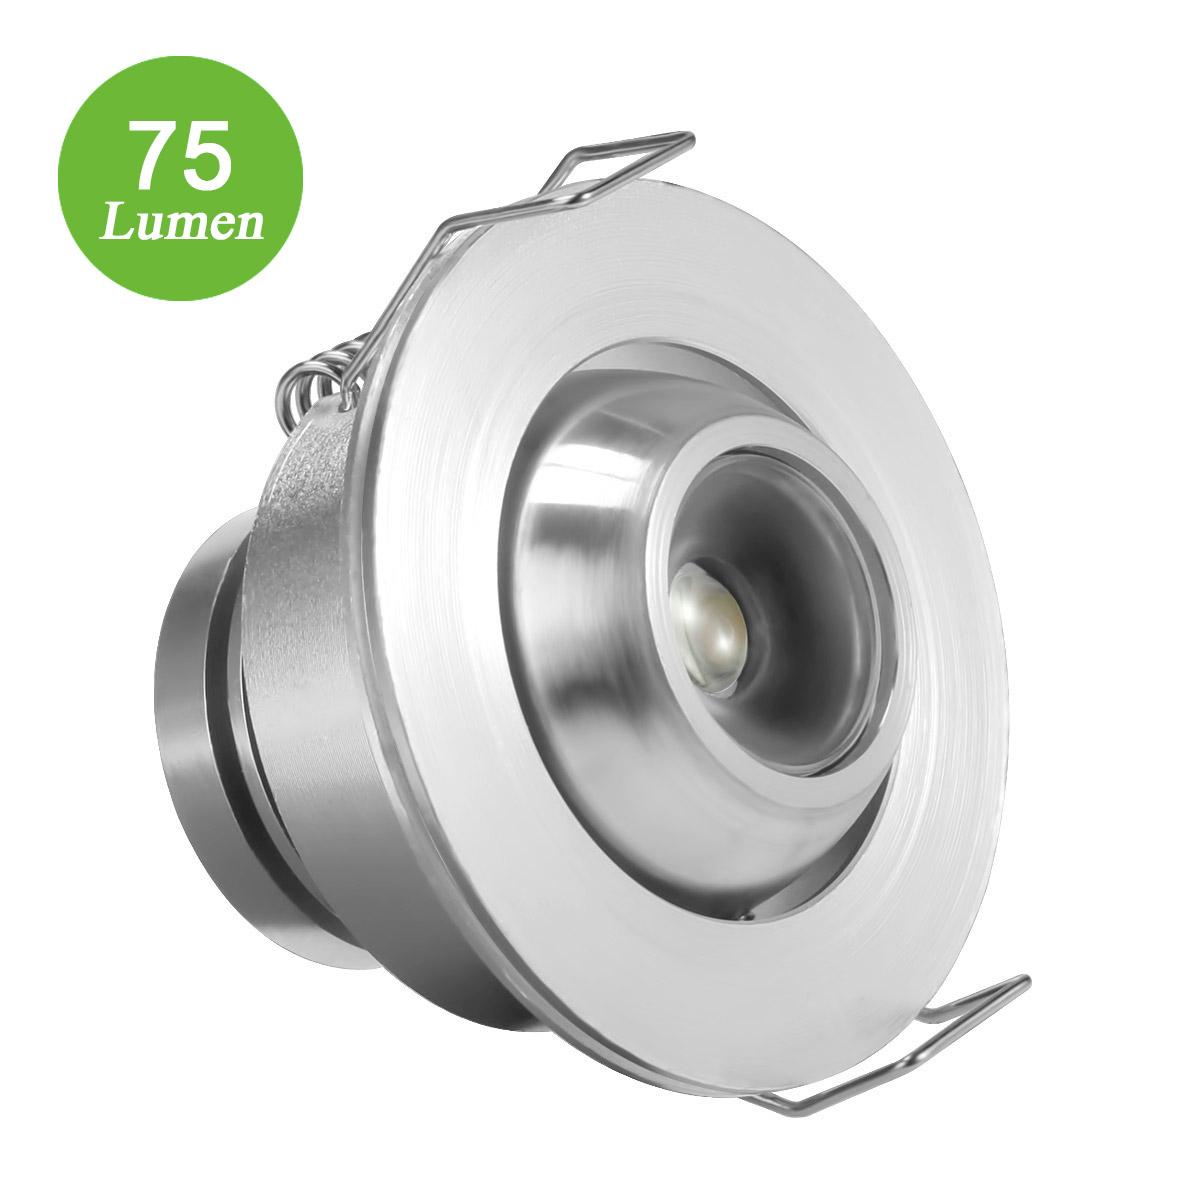 1W LED Einbauspots, 12V 75lm LED Downlight, Ersatz für 10W Halogenlampe, Kaltweiß